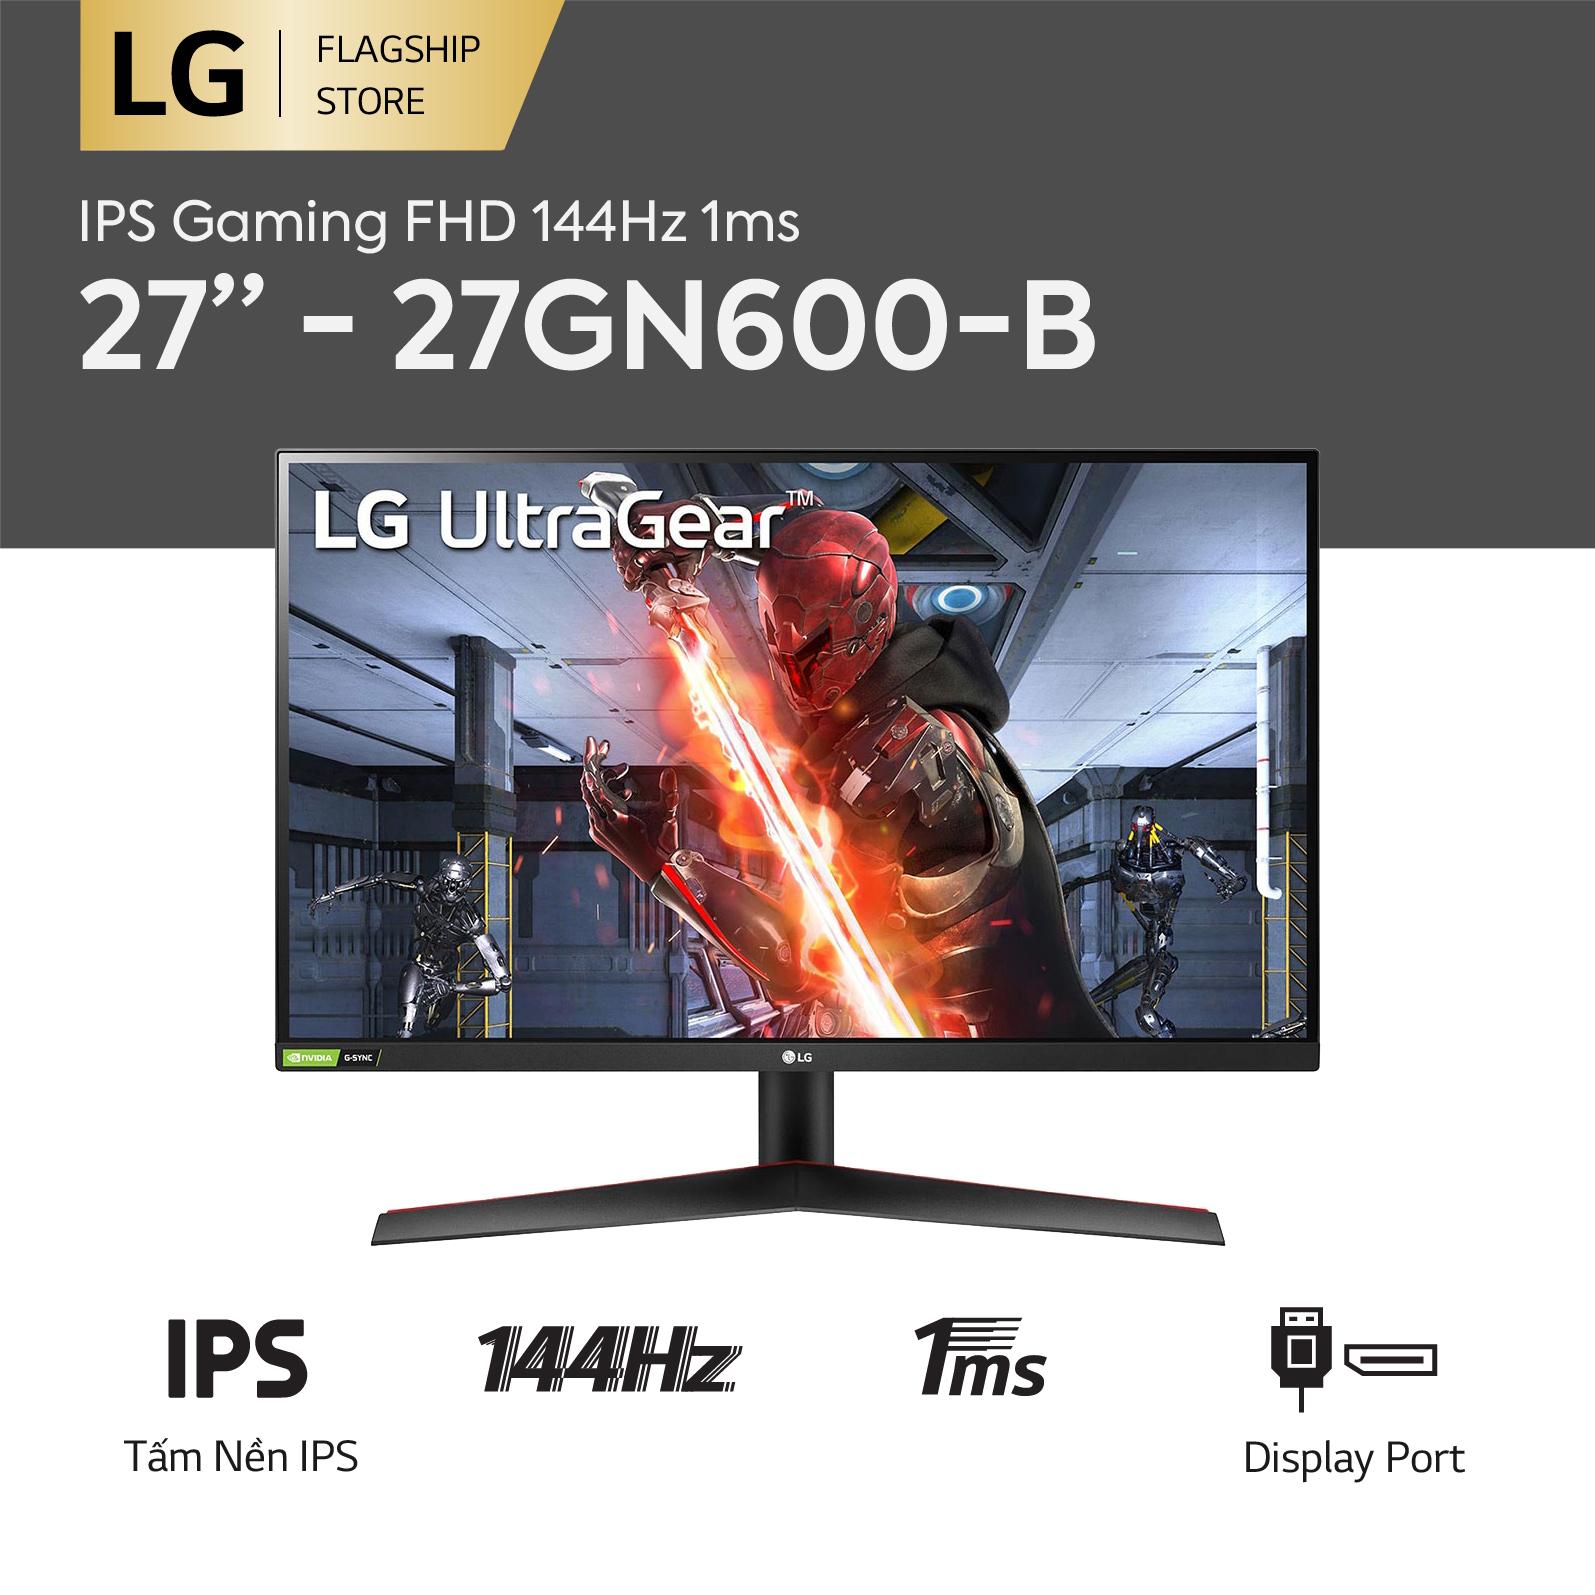 [TRẢ GÓP 0%] Màn hình máy tính LG IPS FHD (1920 X 1080) 144Hz 1ms 27 inches l 27GN600-B l HÀNG CHÍNH HÃNG